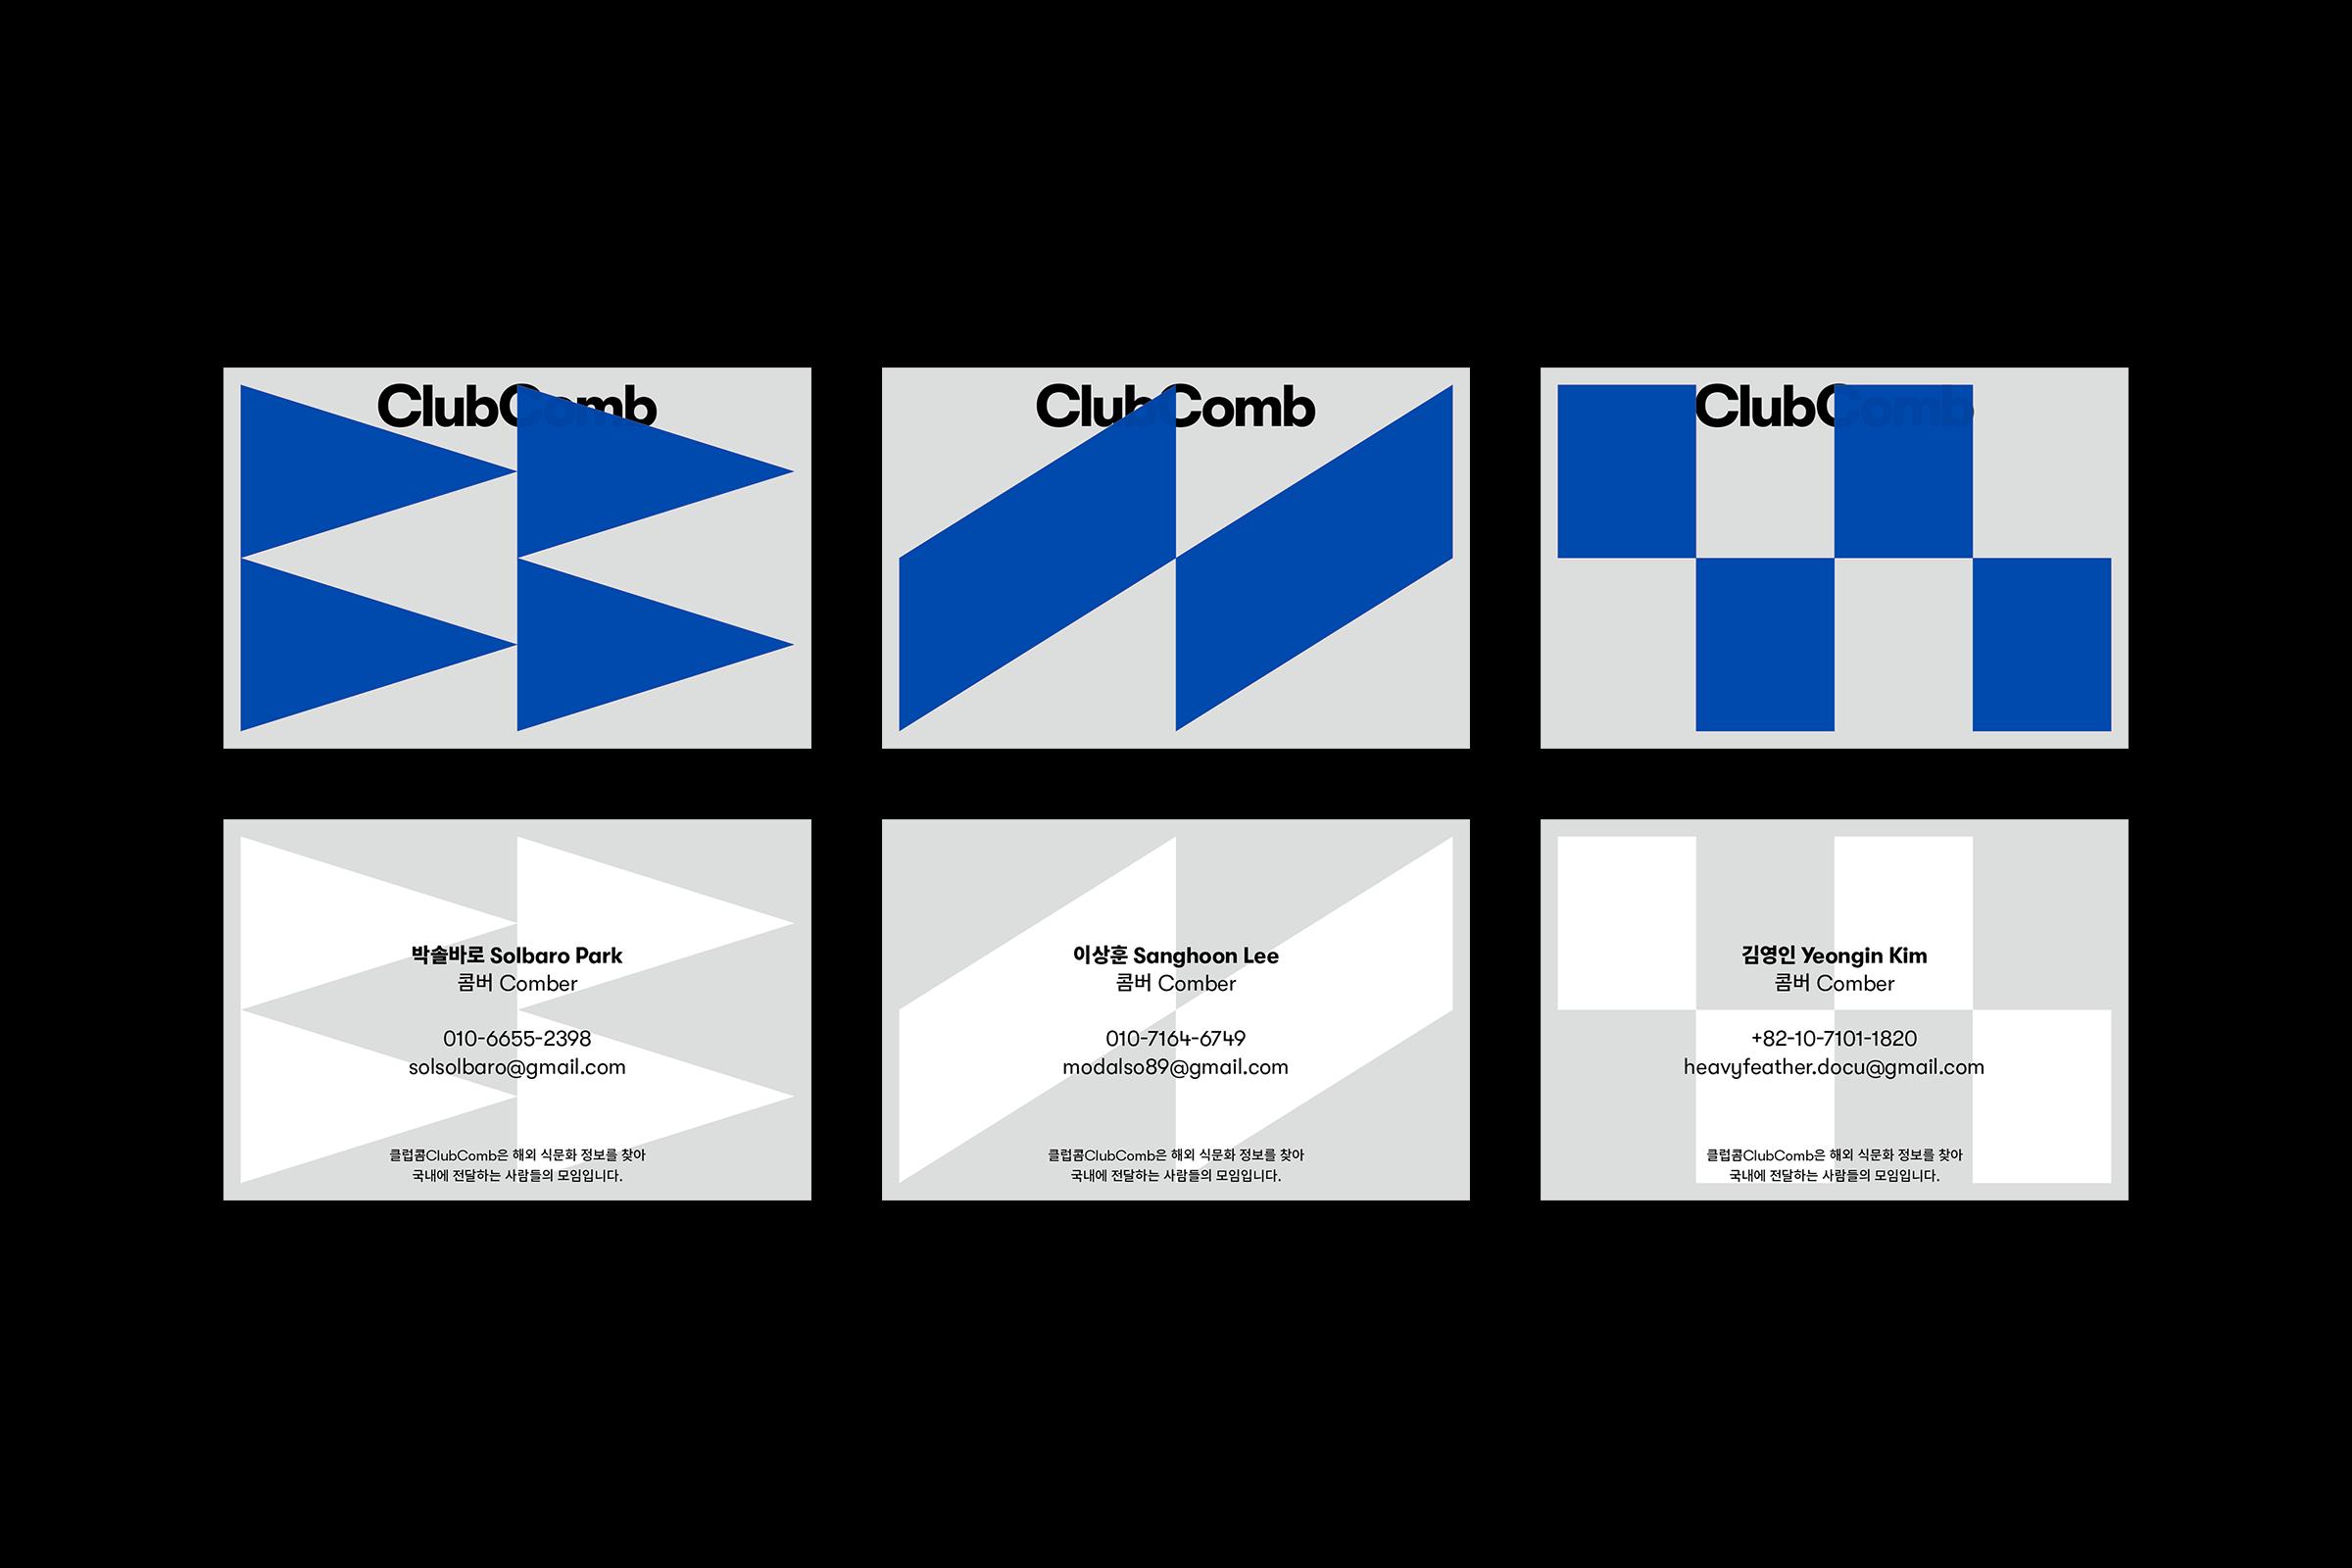 clubcomb-namecard-mockup-01